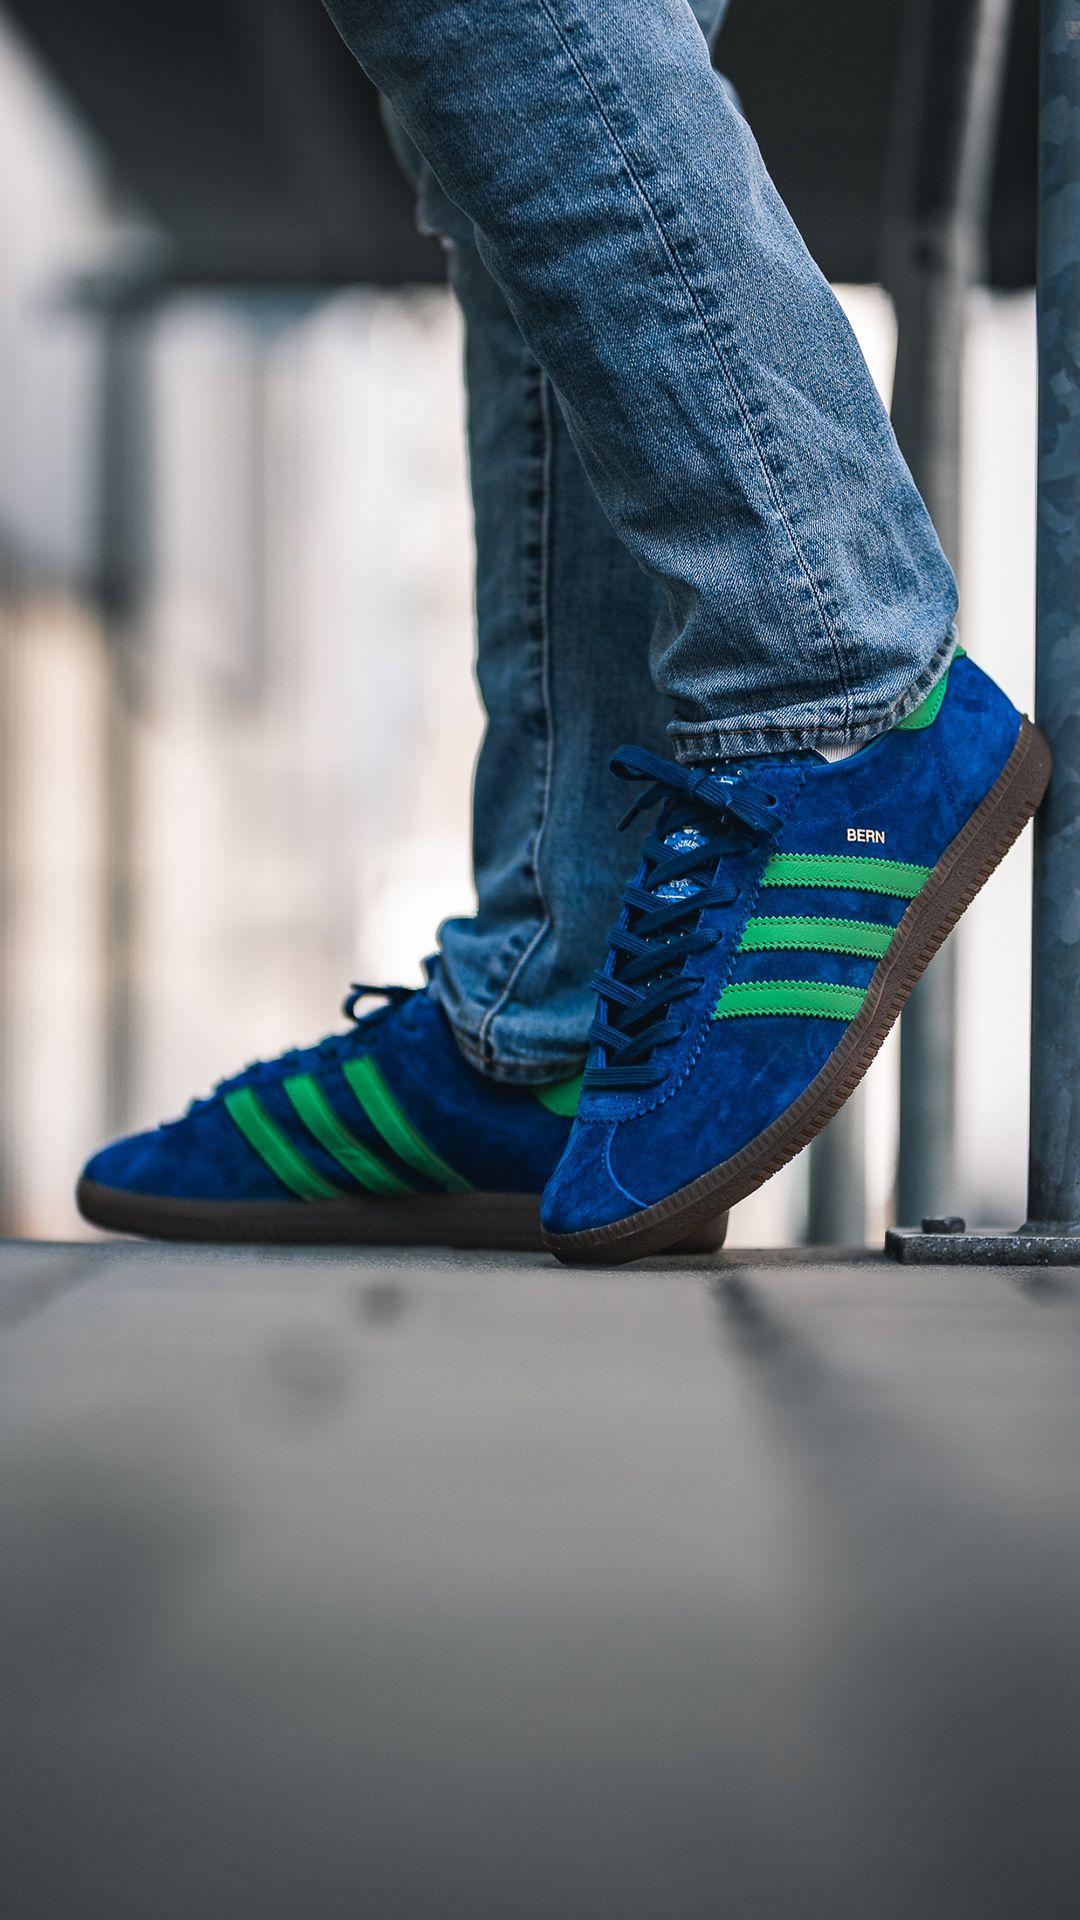 adidas Bern (Blue Green) EE4927